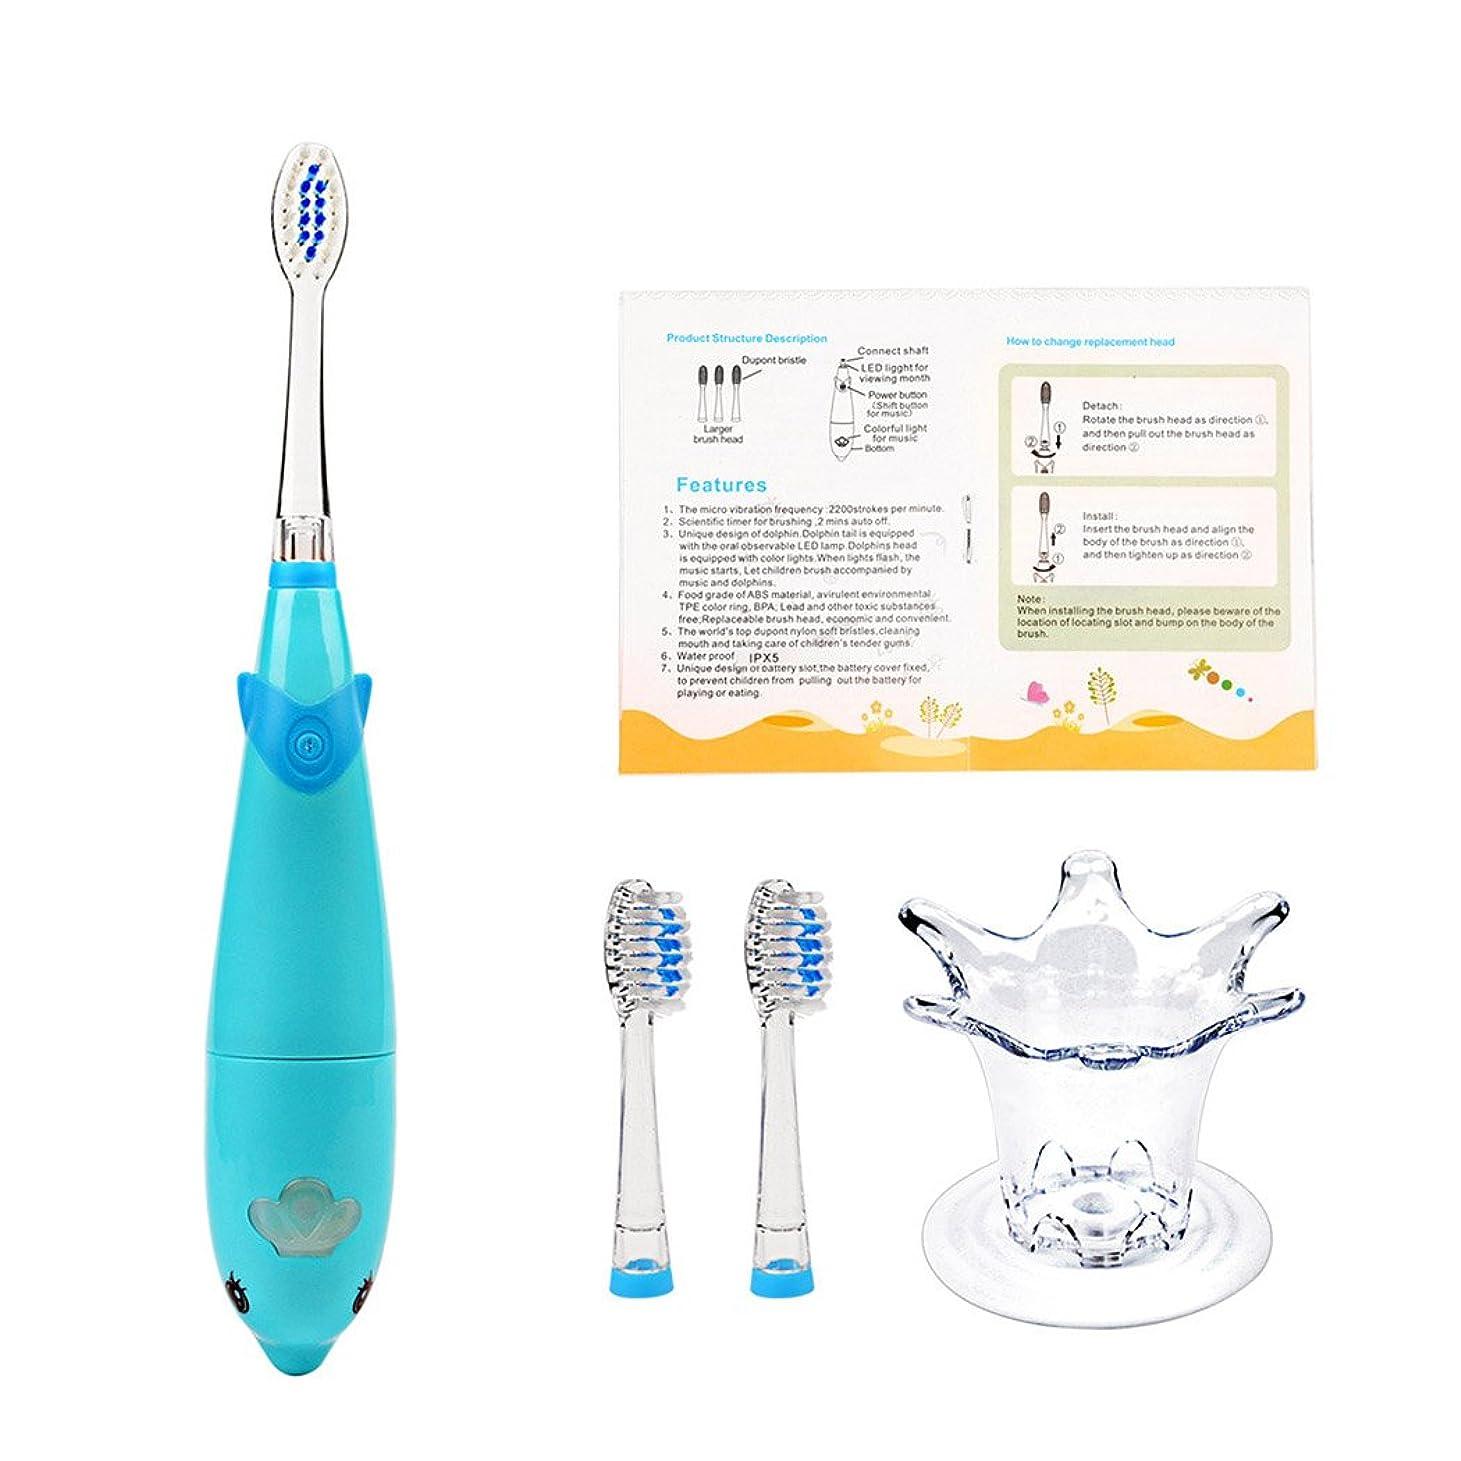 電動歯ブラシ こども用 音波振動歯ブラシ 軽量 LED付 防水防電 音楽 替えブラシ2本 (ブルー)